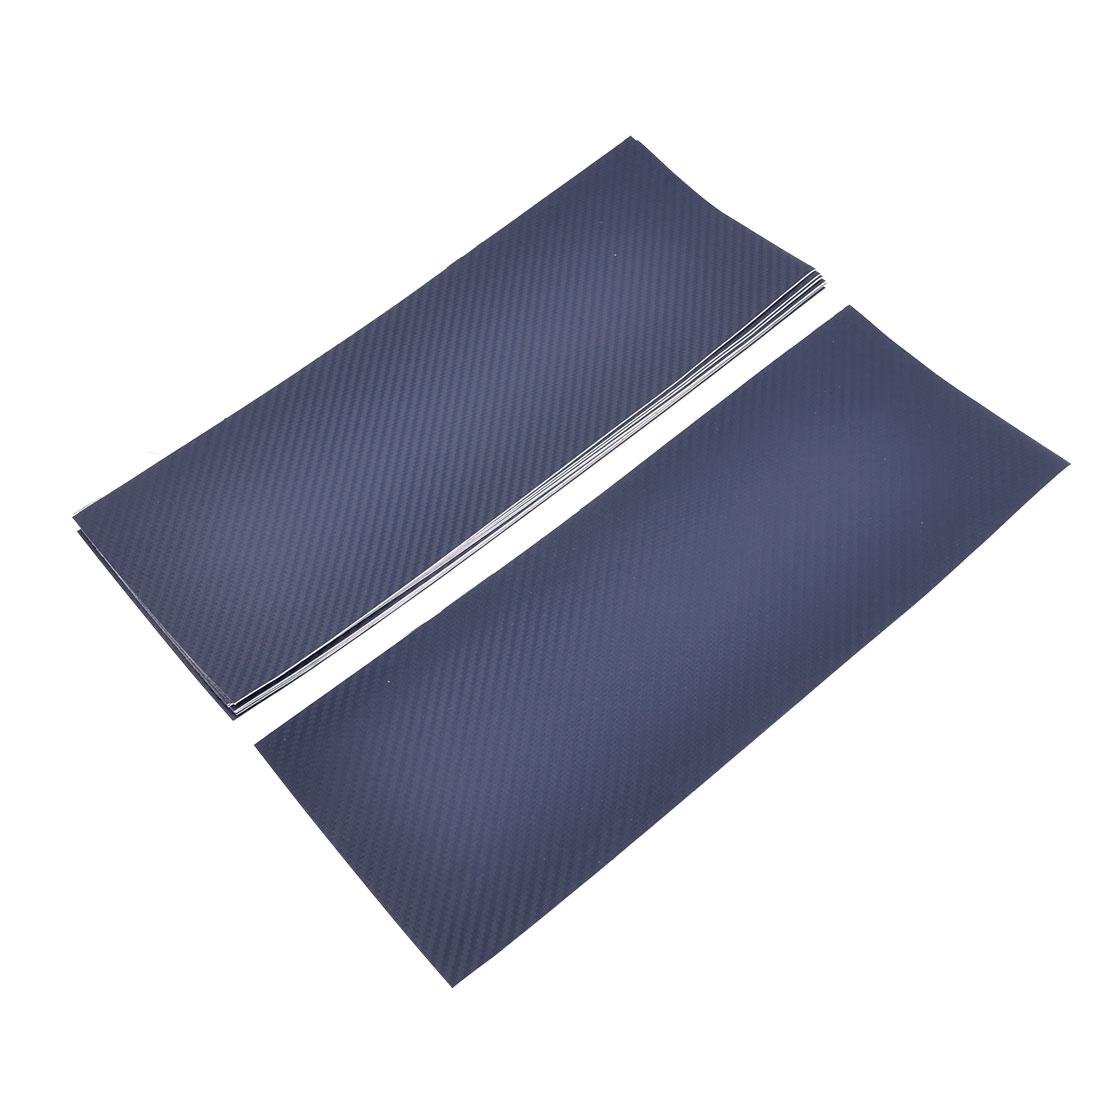 20pcs Auto Glass Decor Self-Adhesive 3D 36x14cm Carbon Fiber Modified Steel Blue